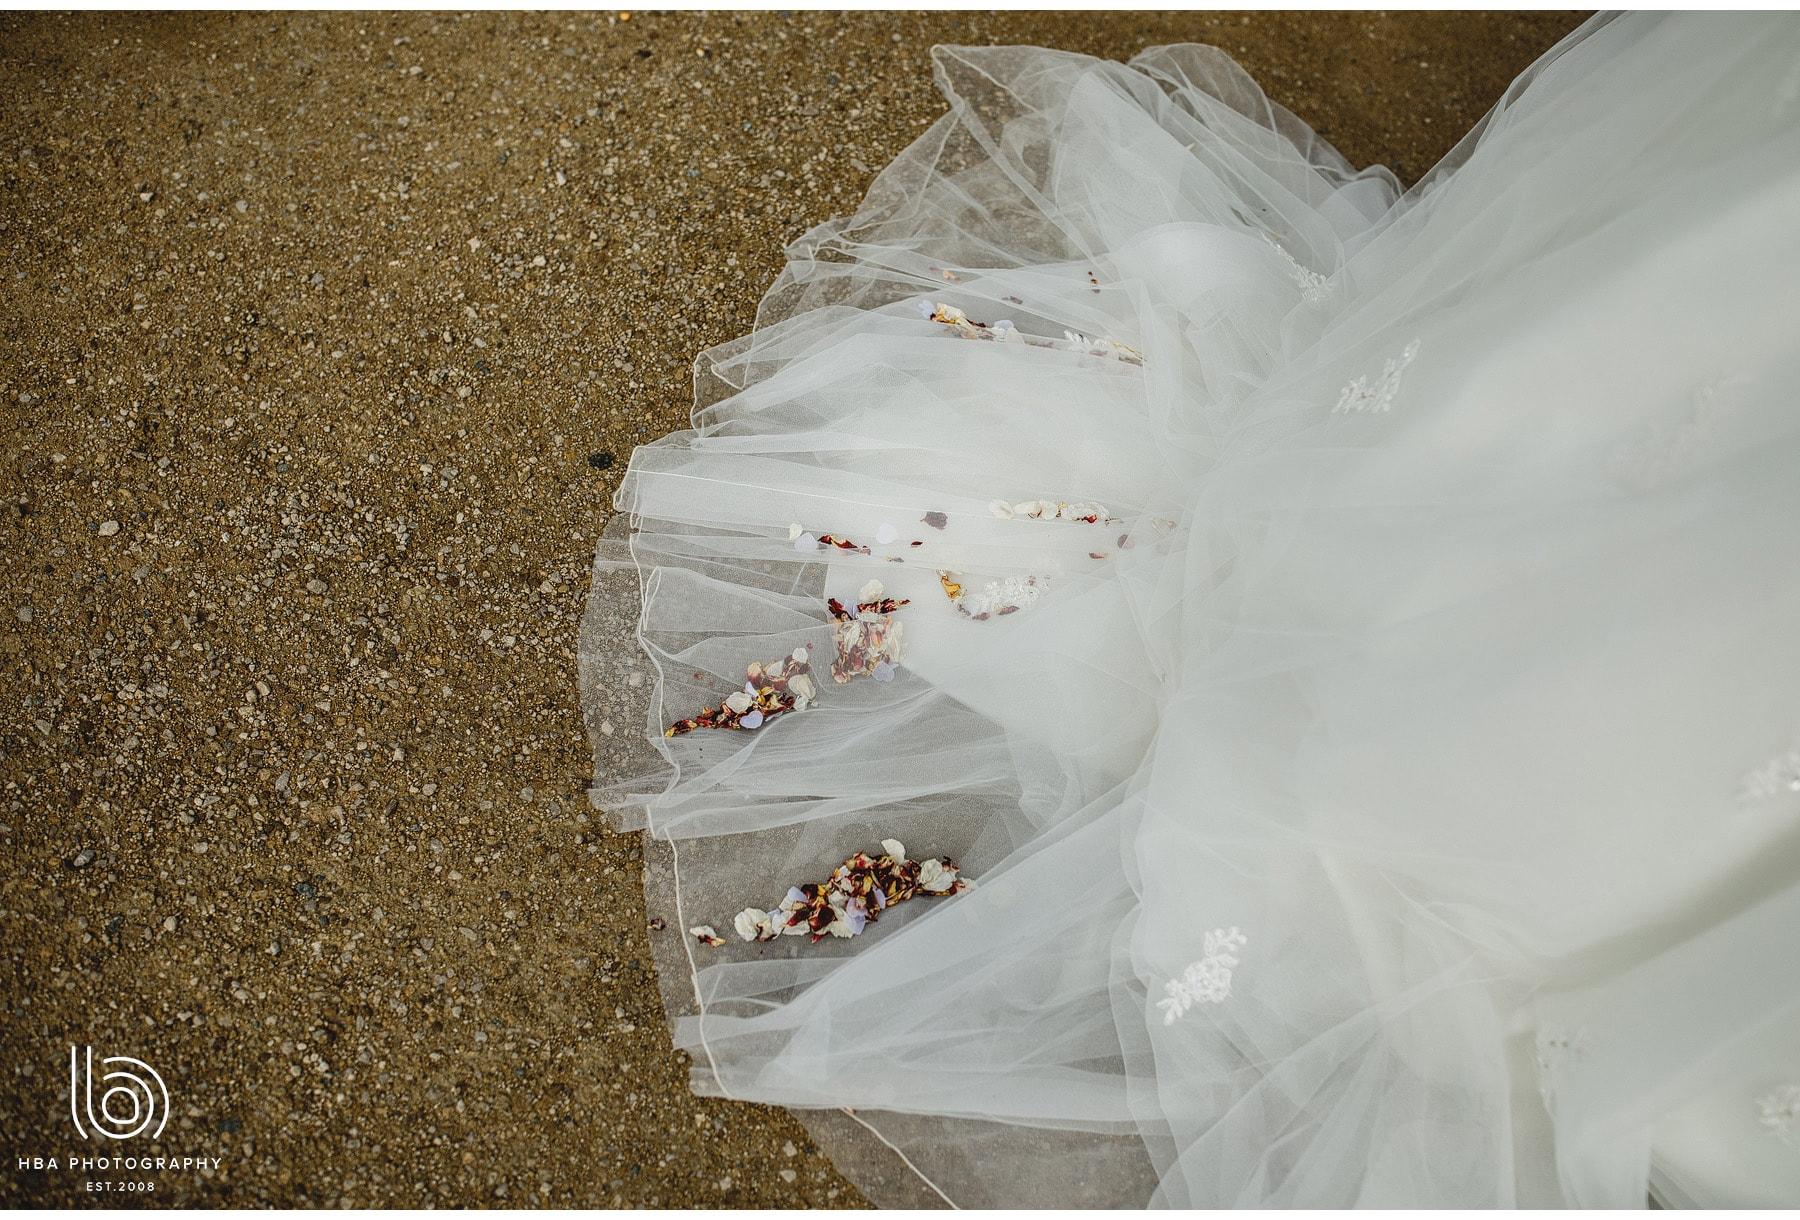 confetti on the brides dress